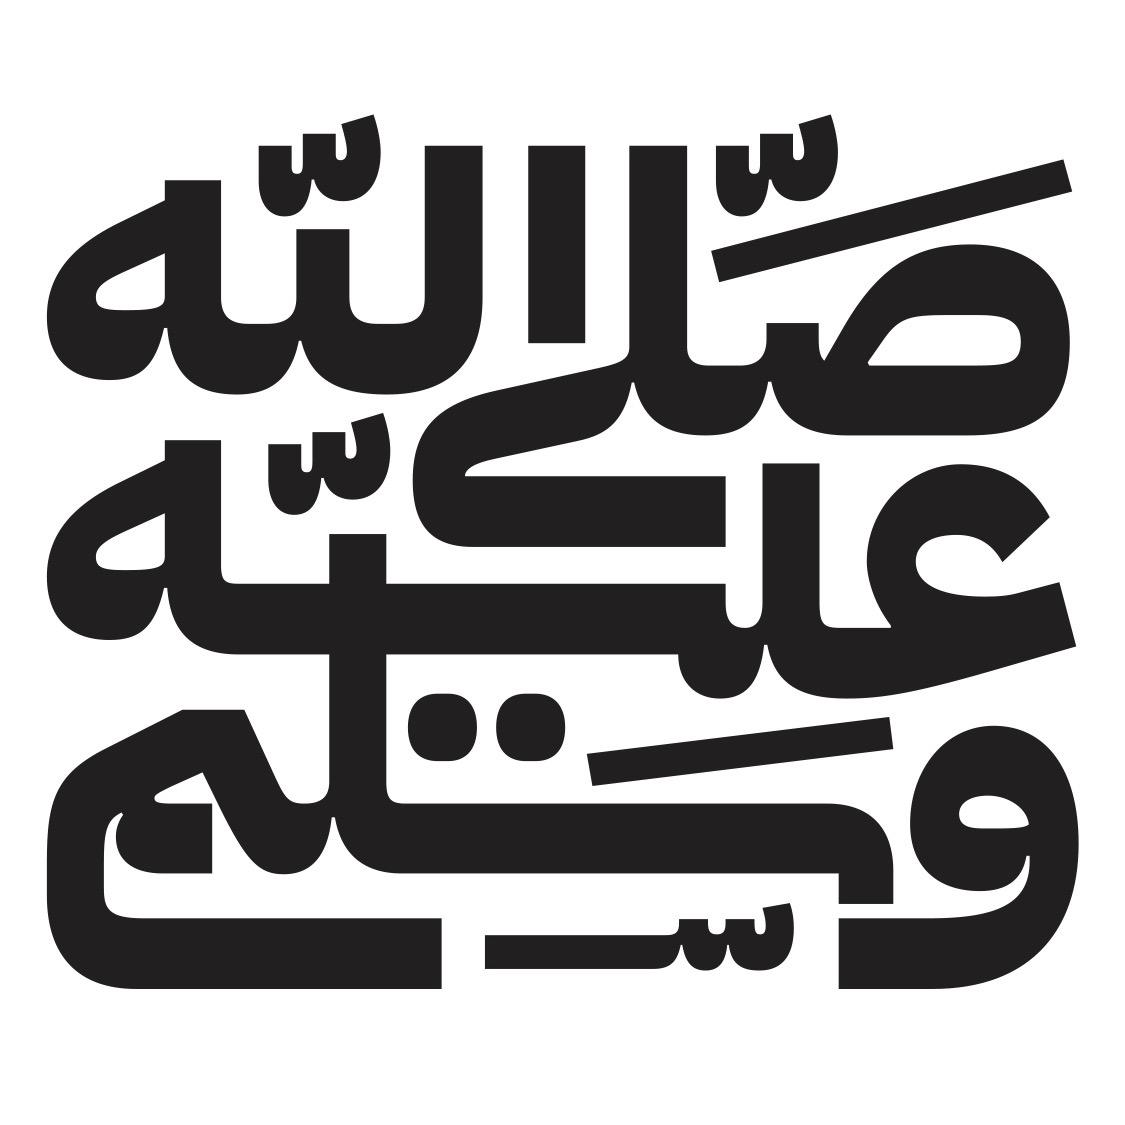 آی بی ام پلکس عربی بسیار ضخیم